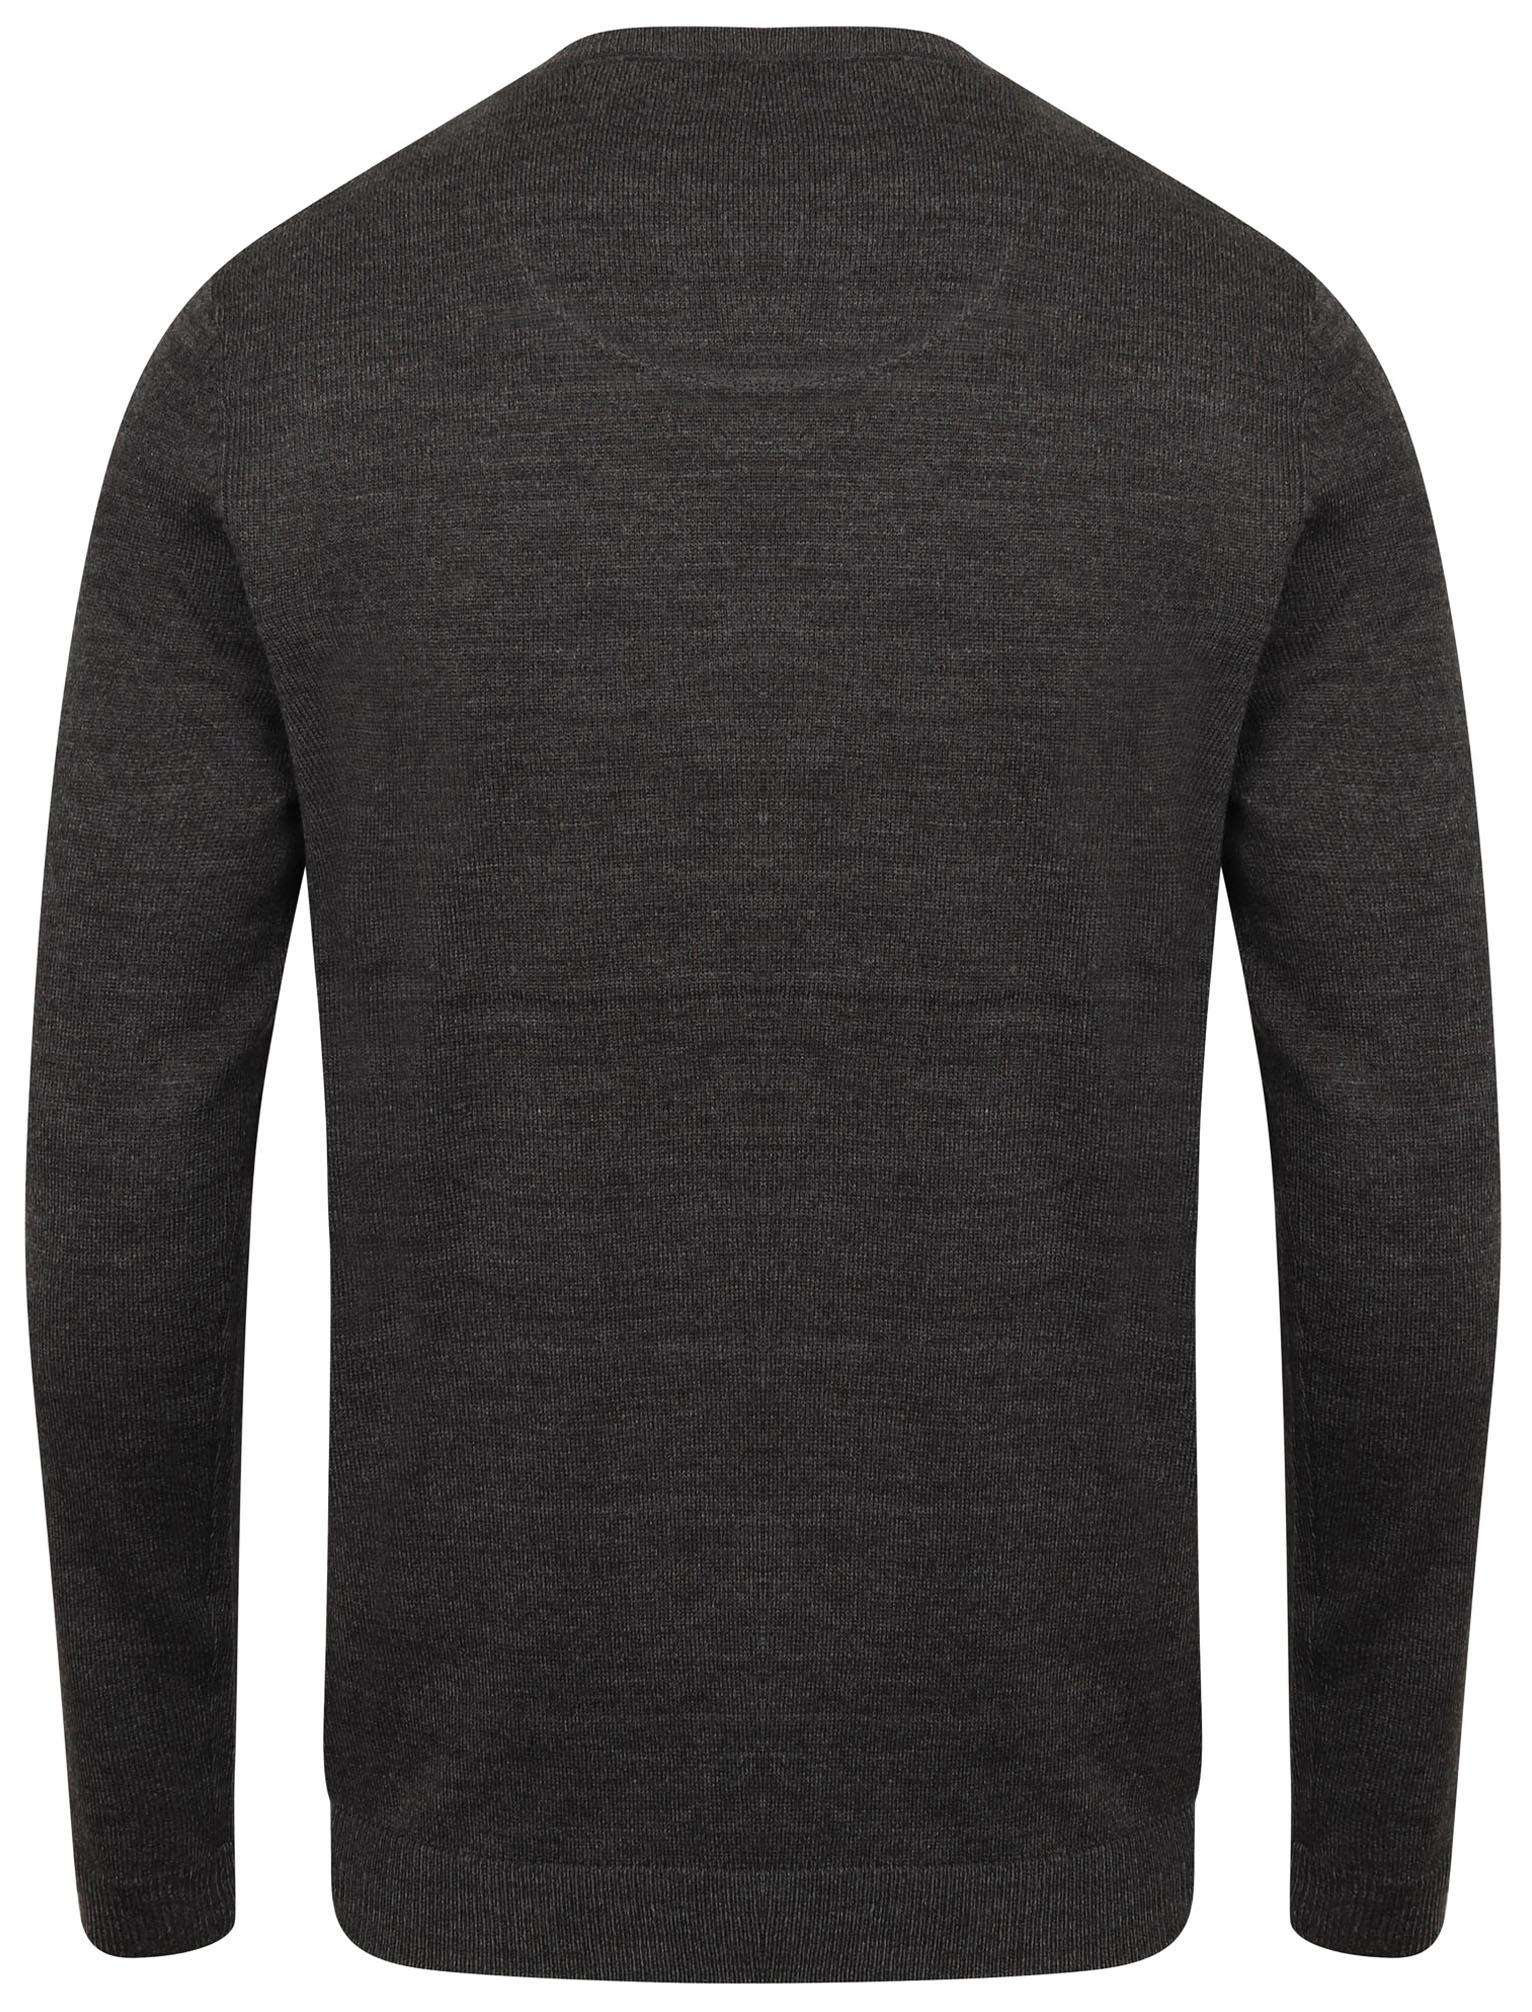 Kensington-Eastside-Men-039-s-Knitted-Crew-or-V-Neck-Jumper-Sweater-Top-Pullover thumbnail 21